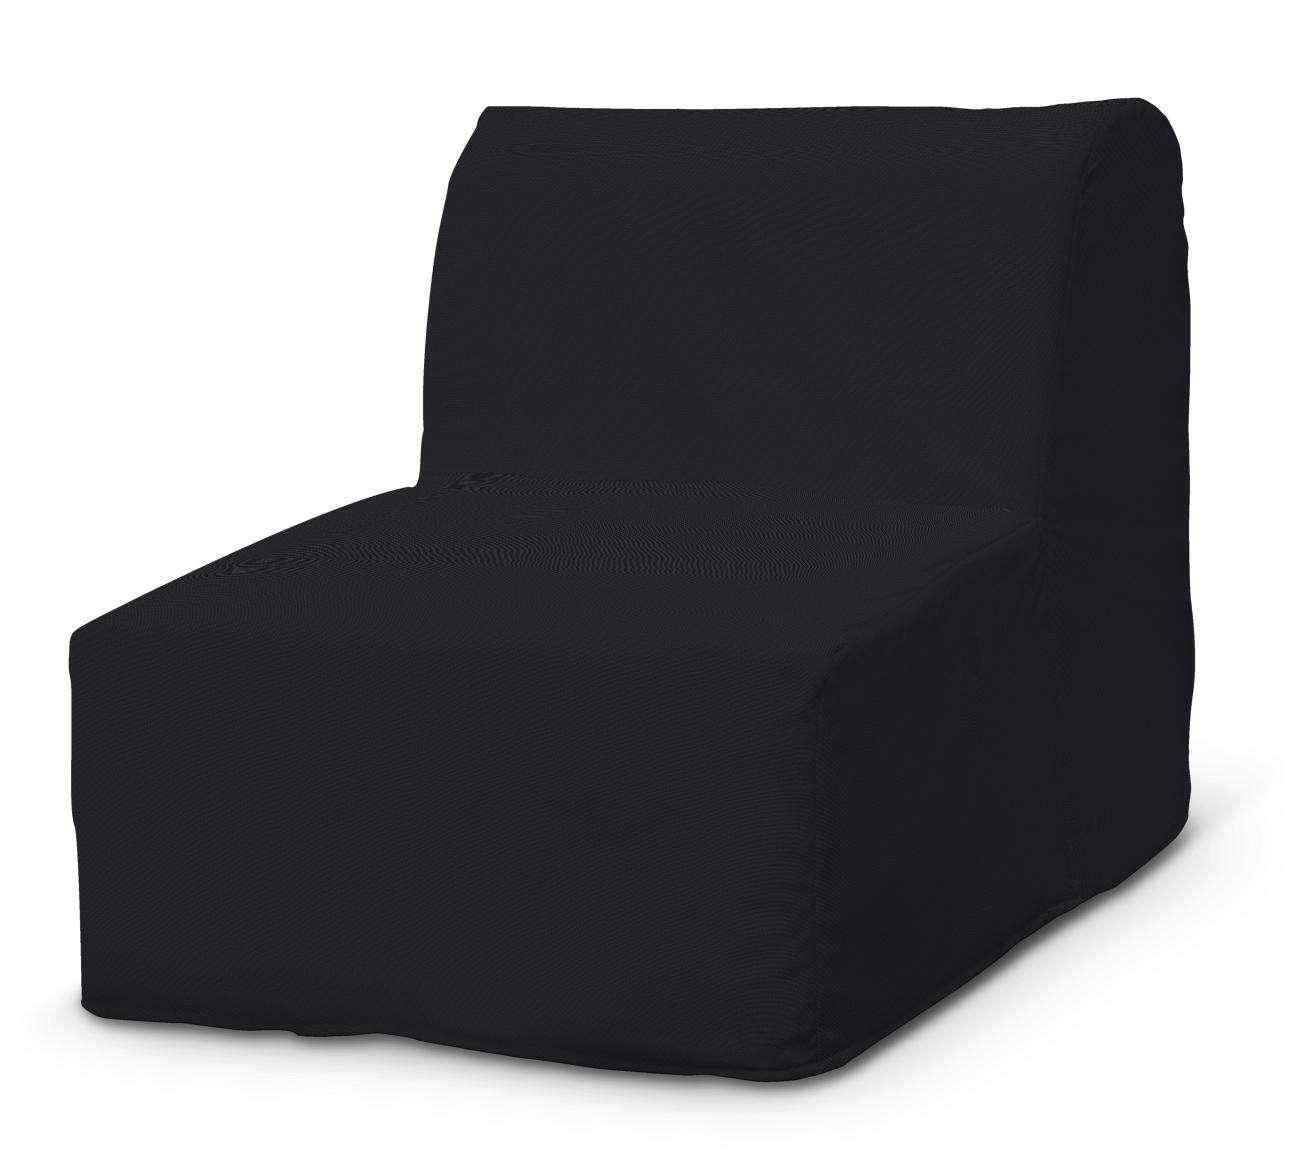 Lycksele fotelio užvalkalas Lycksele fotelis kolekcijoje Etna , audinys: 705-00